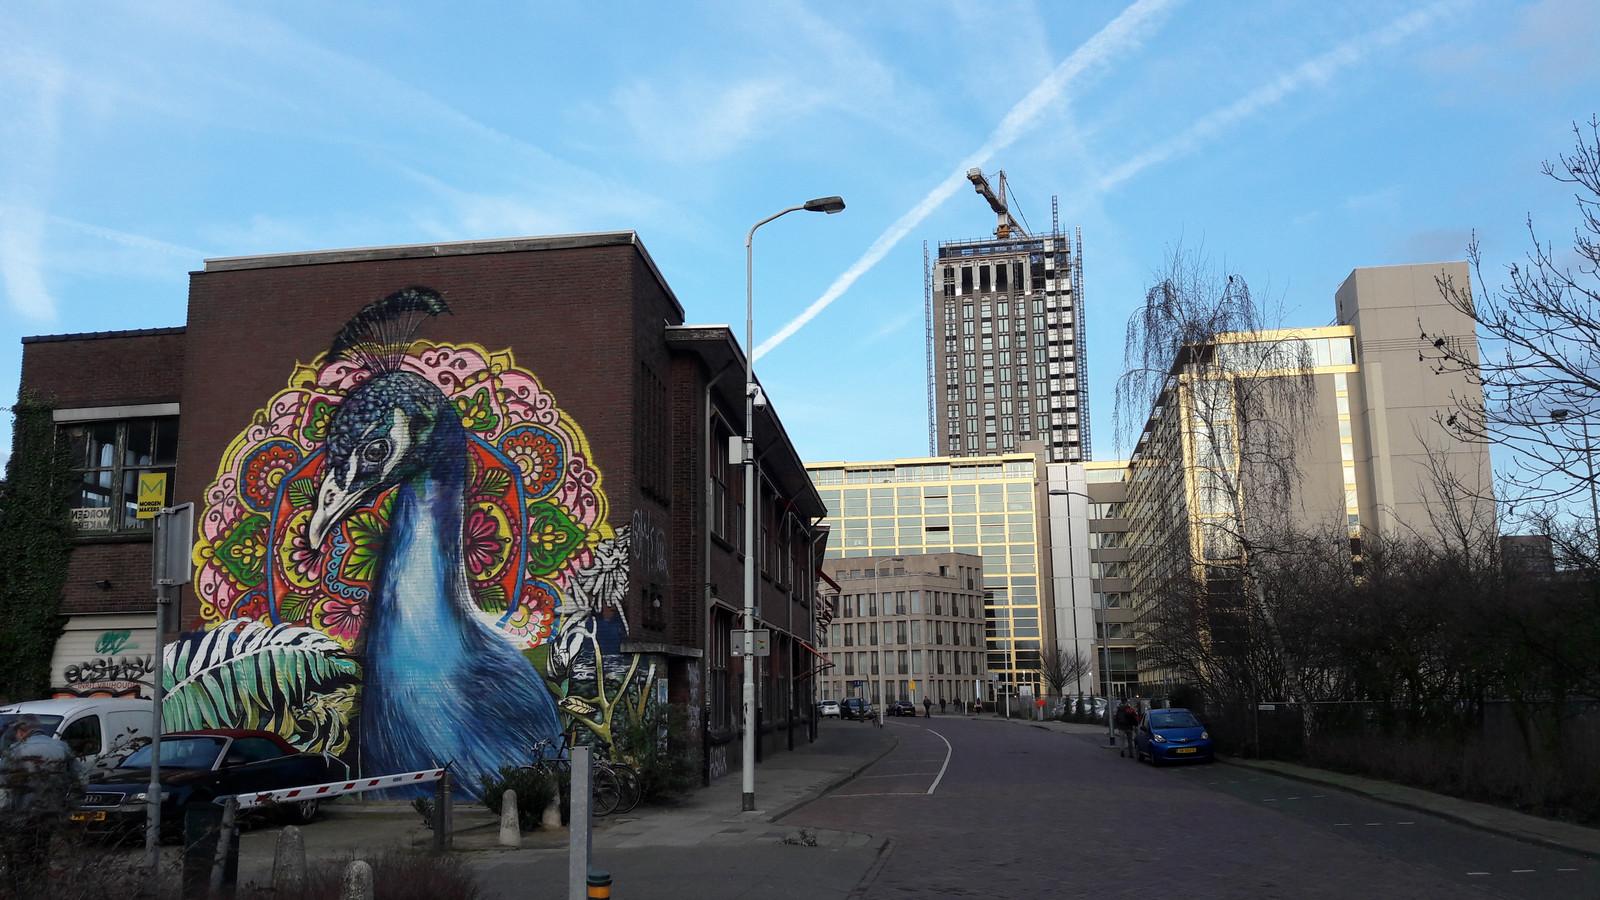 Het TAC-gebouw, de voormalige Philips personeelswinkel, aan de Vonderweg/Gagelstraat (rechts) in Eindhoven.  Dit deel wordt gesloopt en hier rechts wordt een (woon)toren van 11 verdiepingen gebouwd.